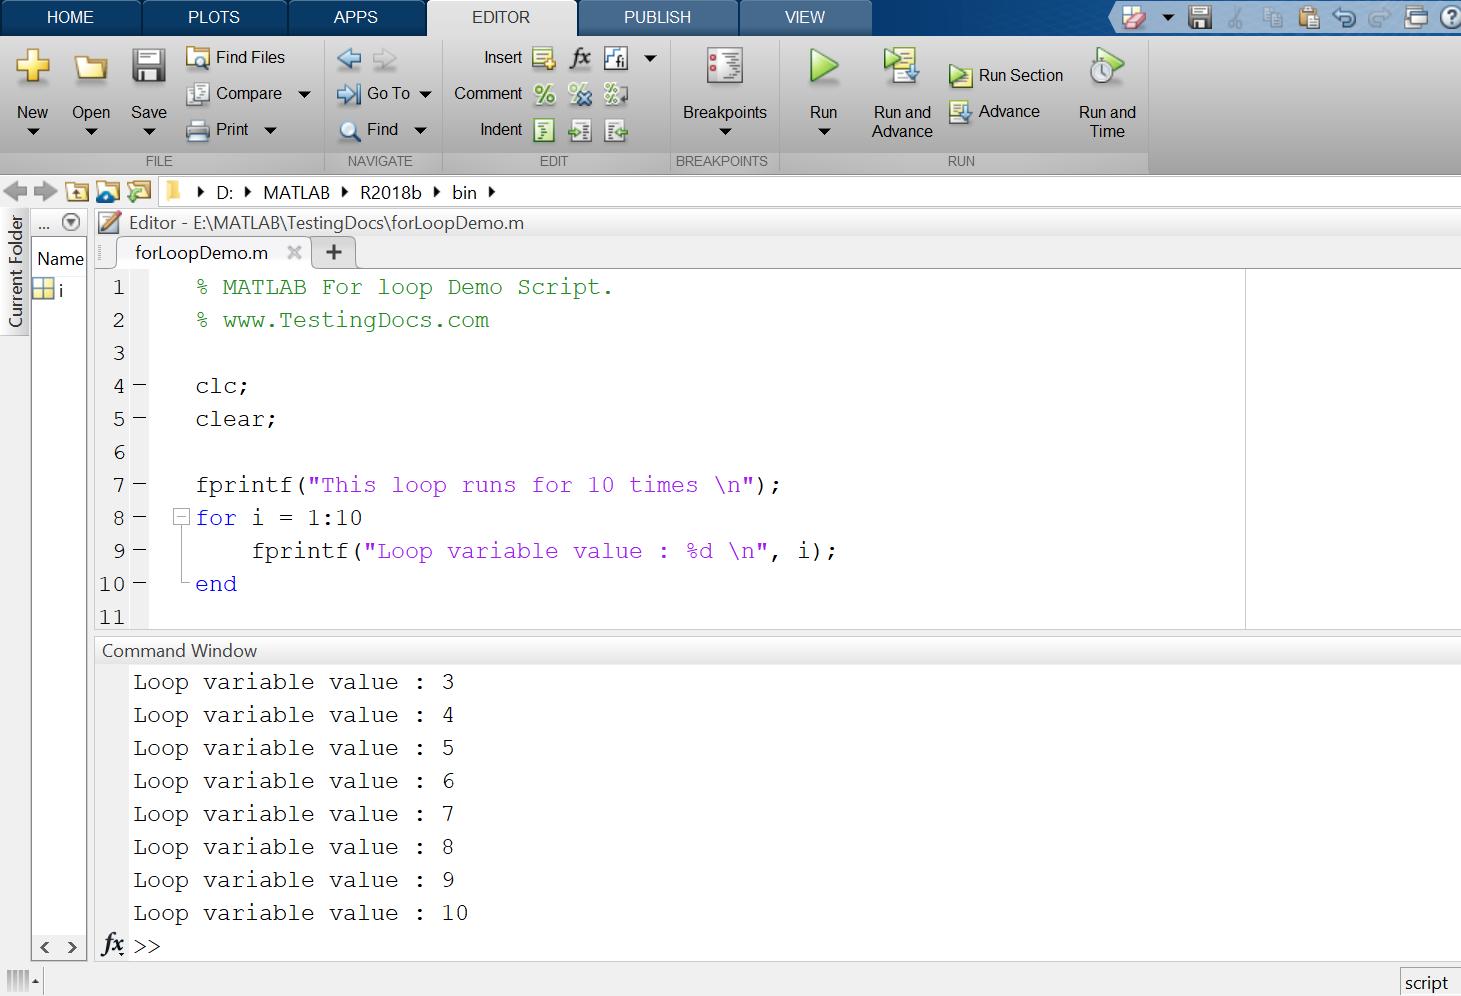 MATLAB For Loop Script